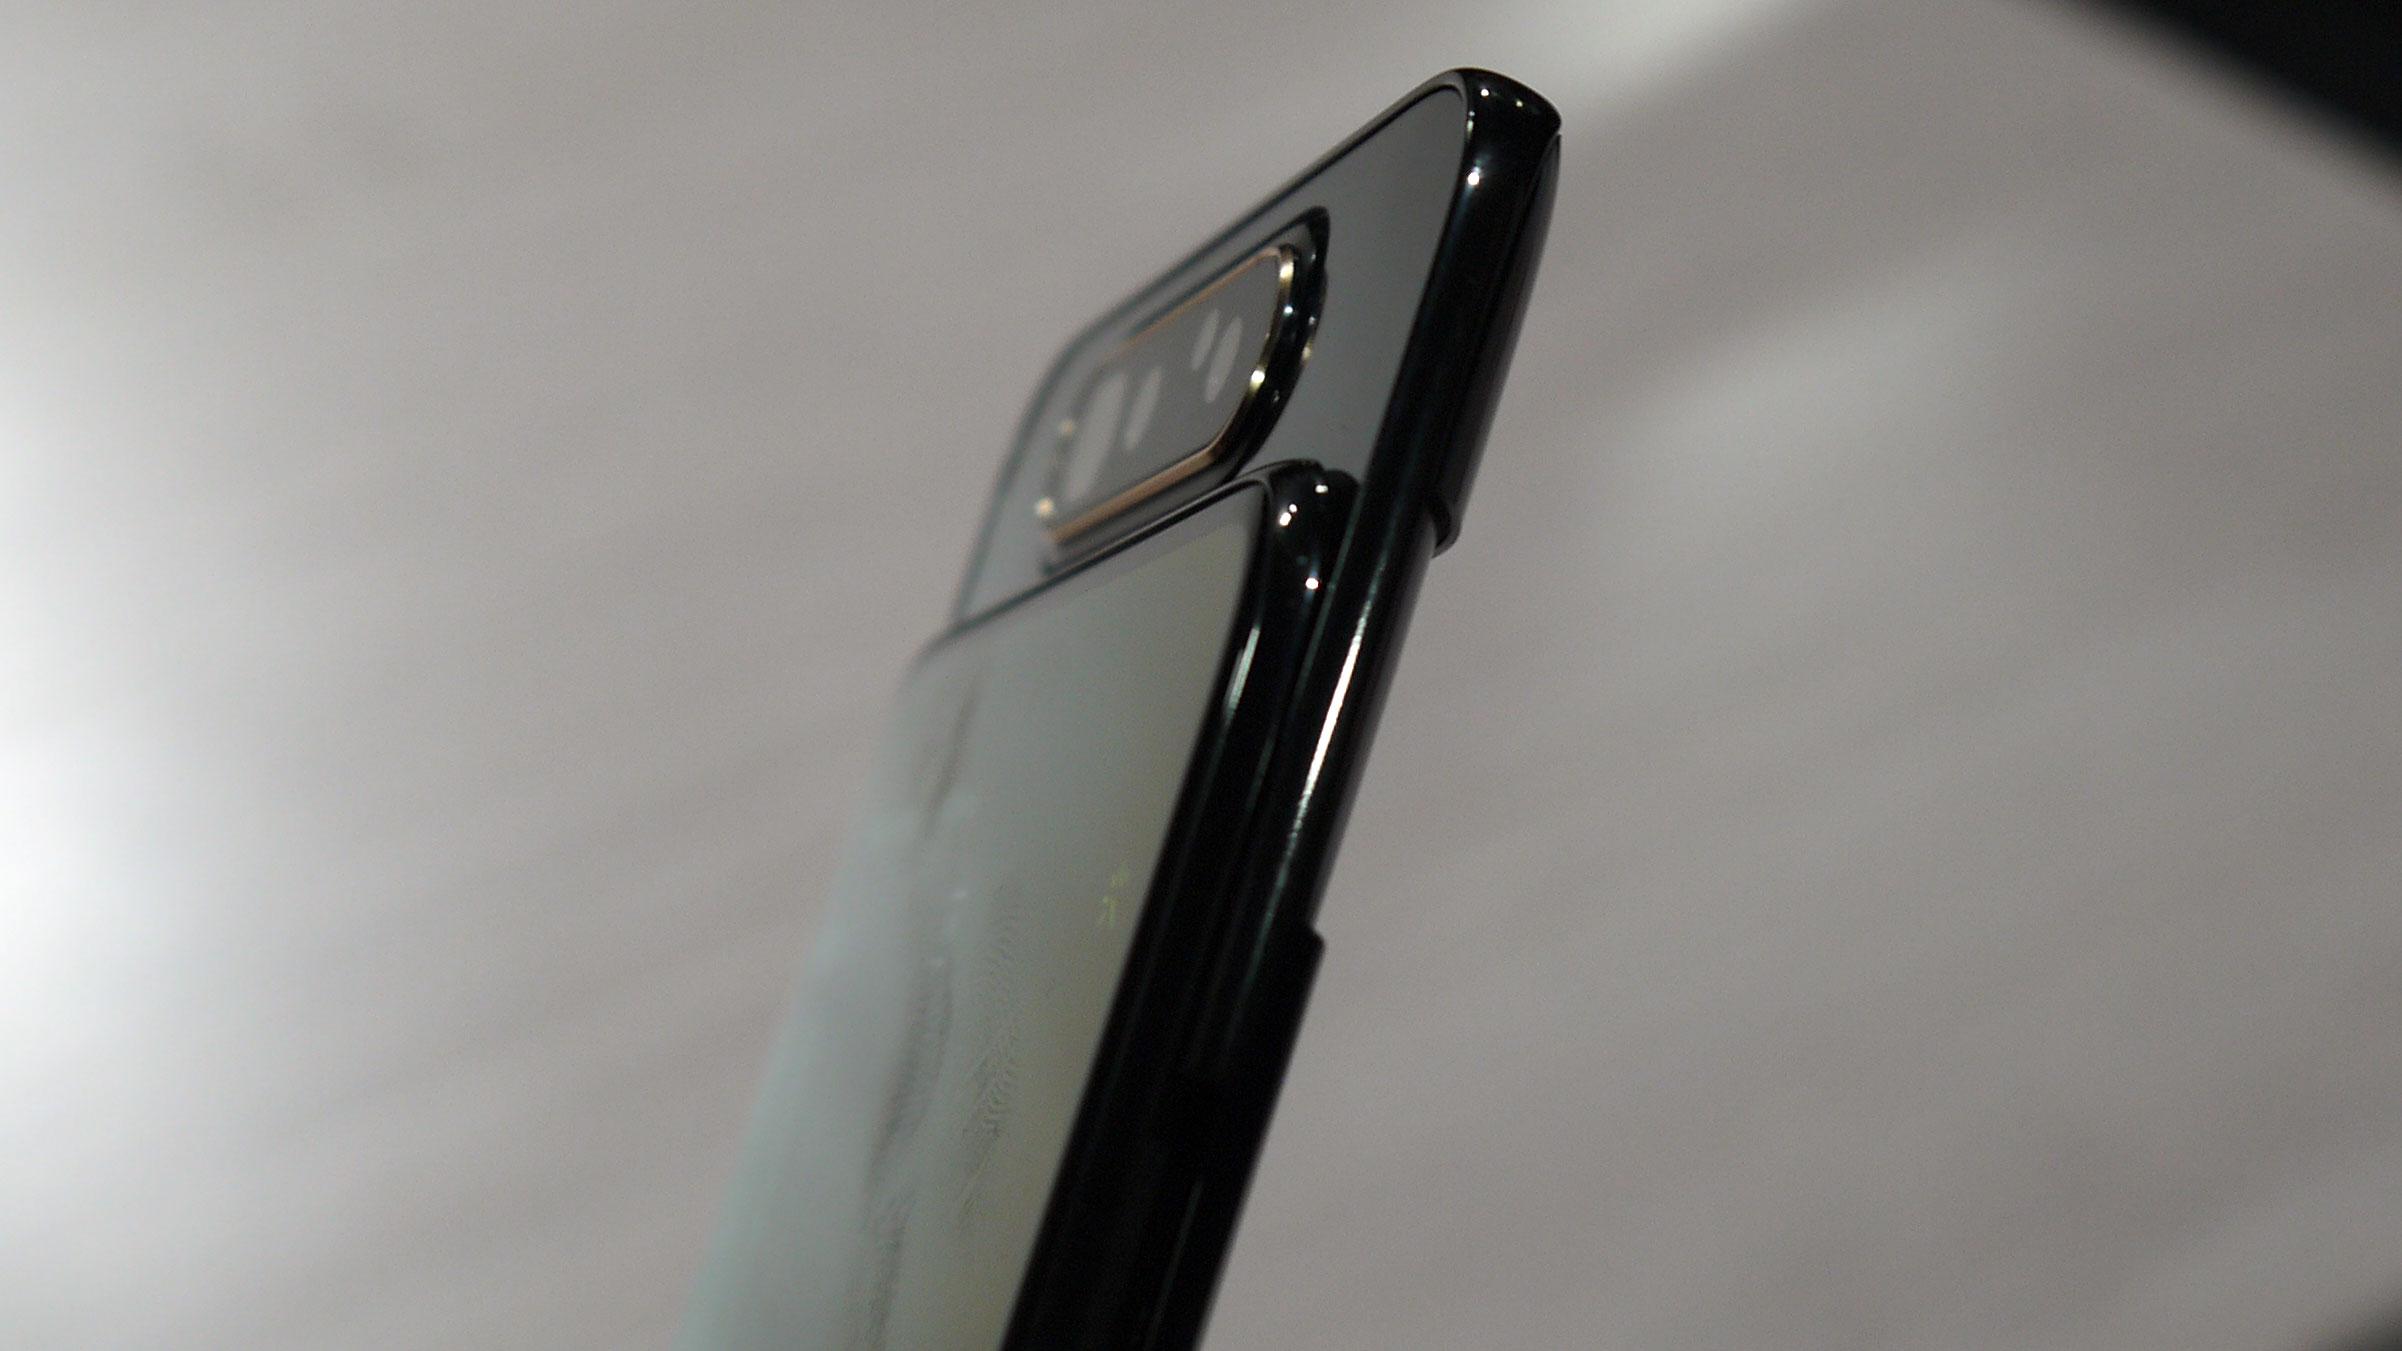 Samsung Galaxy A80 vs Galaxy S10: Qual è la differenza tra Samsung nuove ammiraglie?